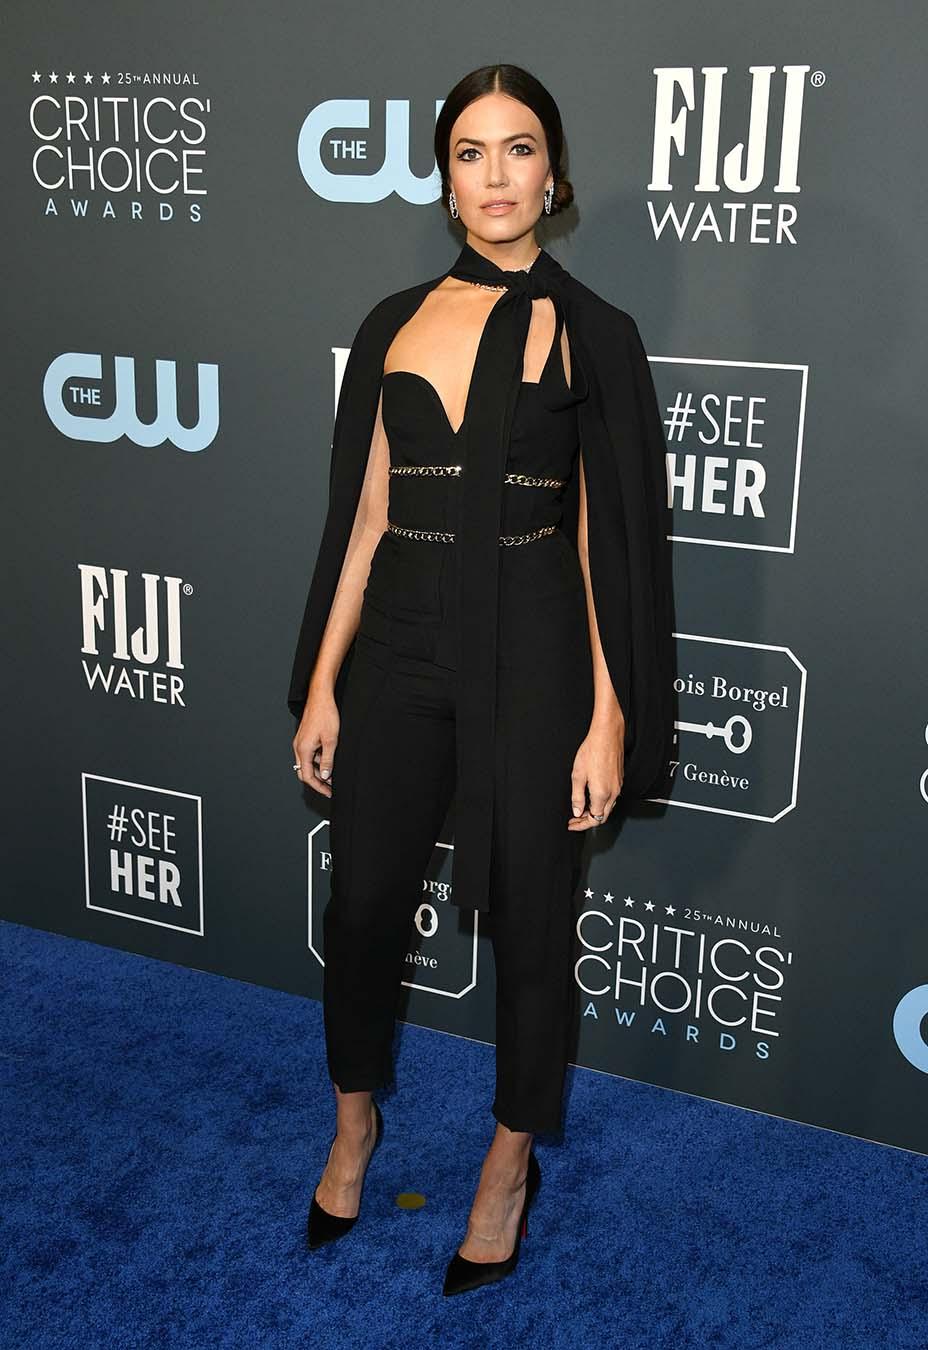 Mandy Moore at the Critics' Choice Awards